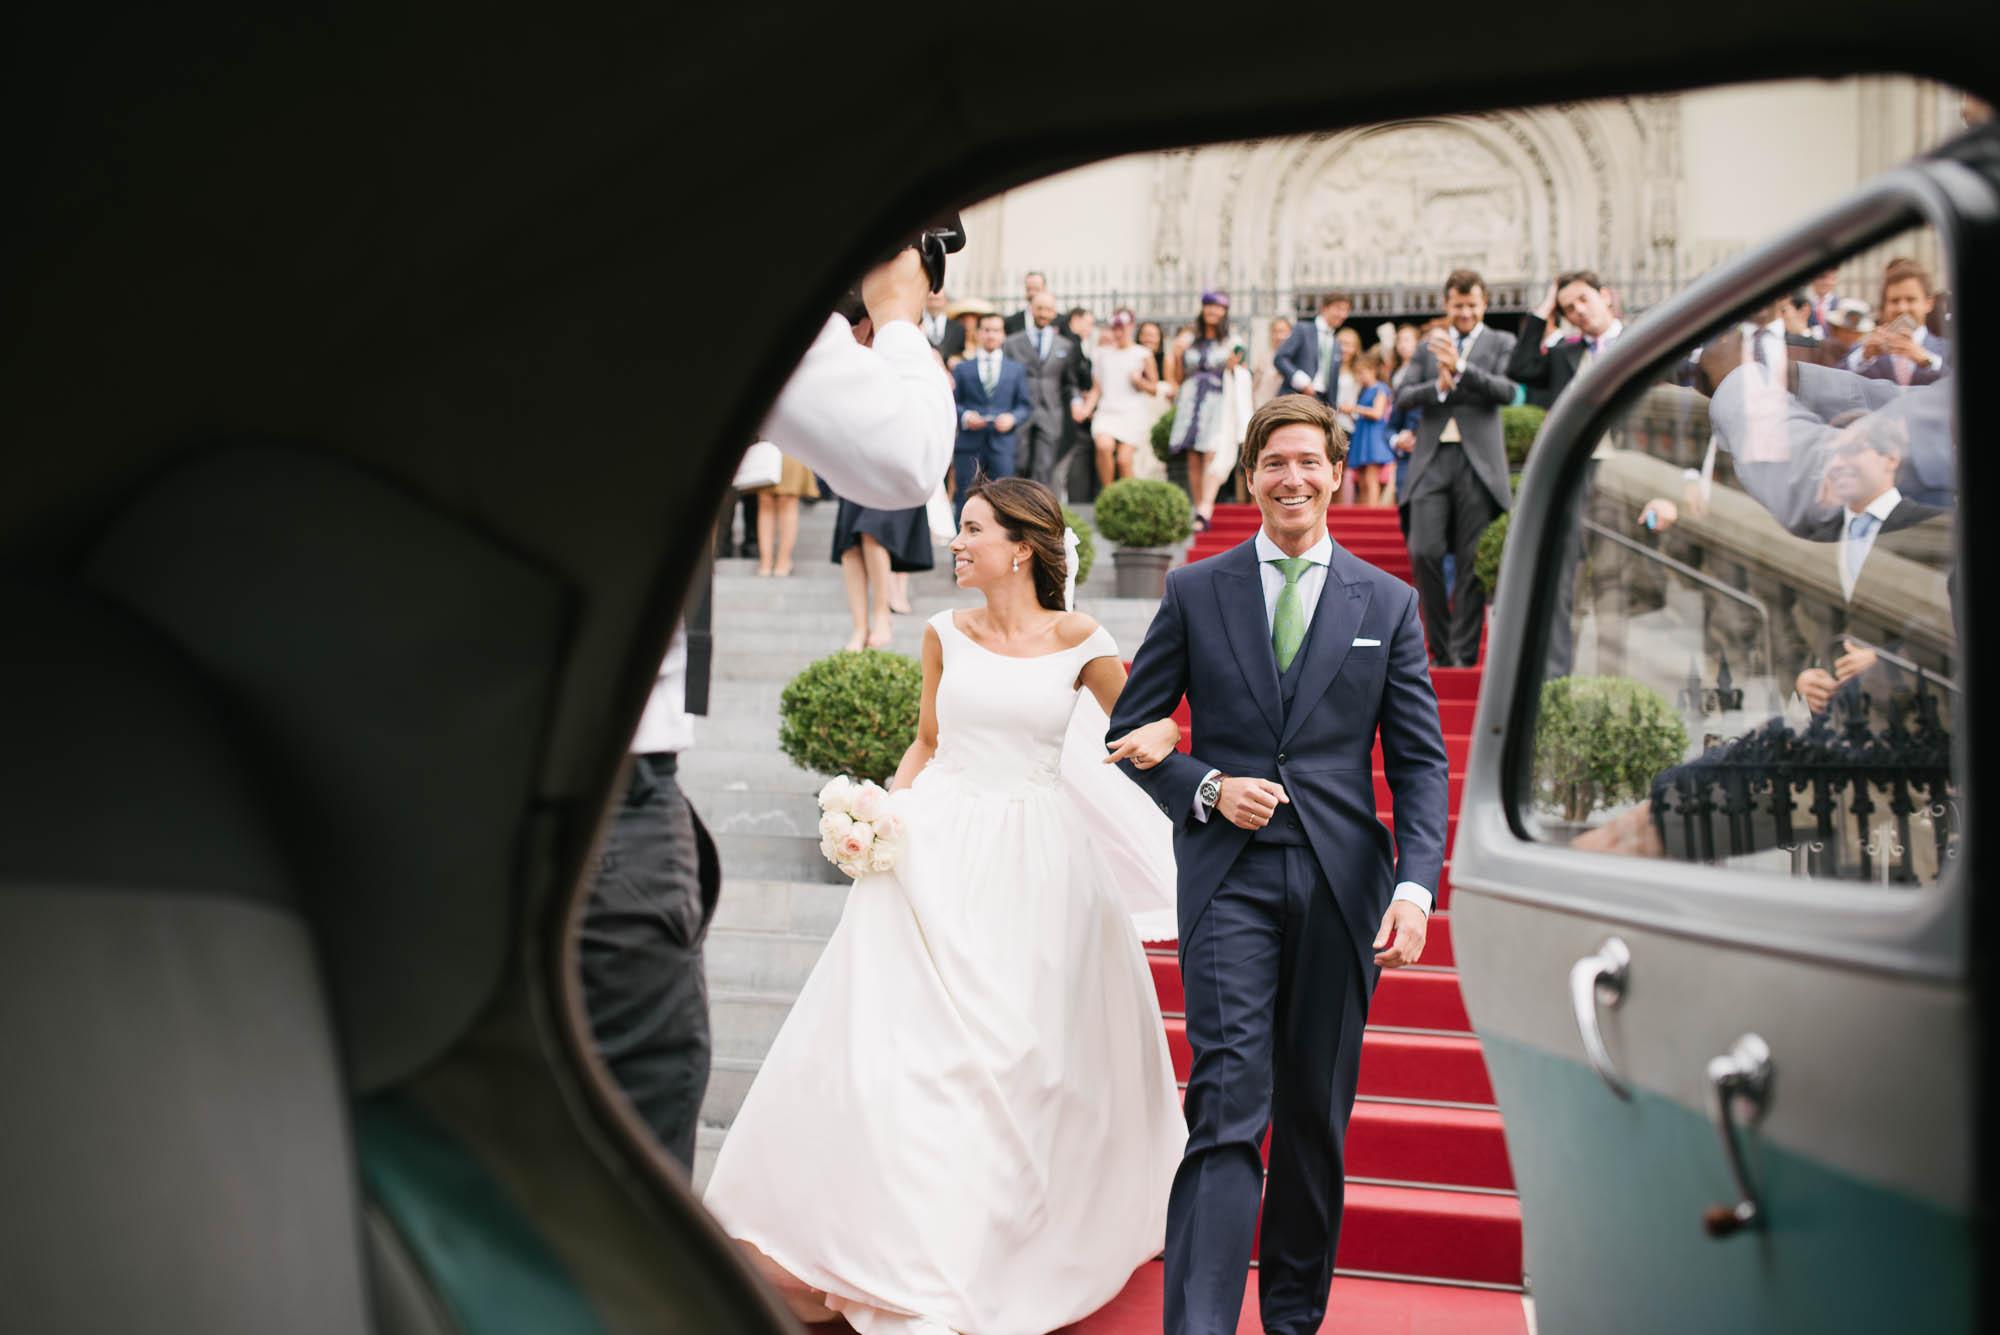 Novios saliendo de la ceremonia el dia de la boda